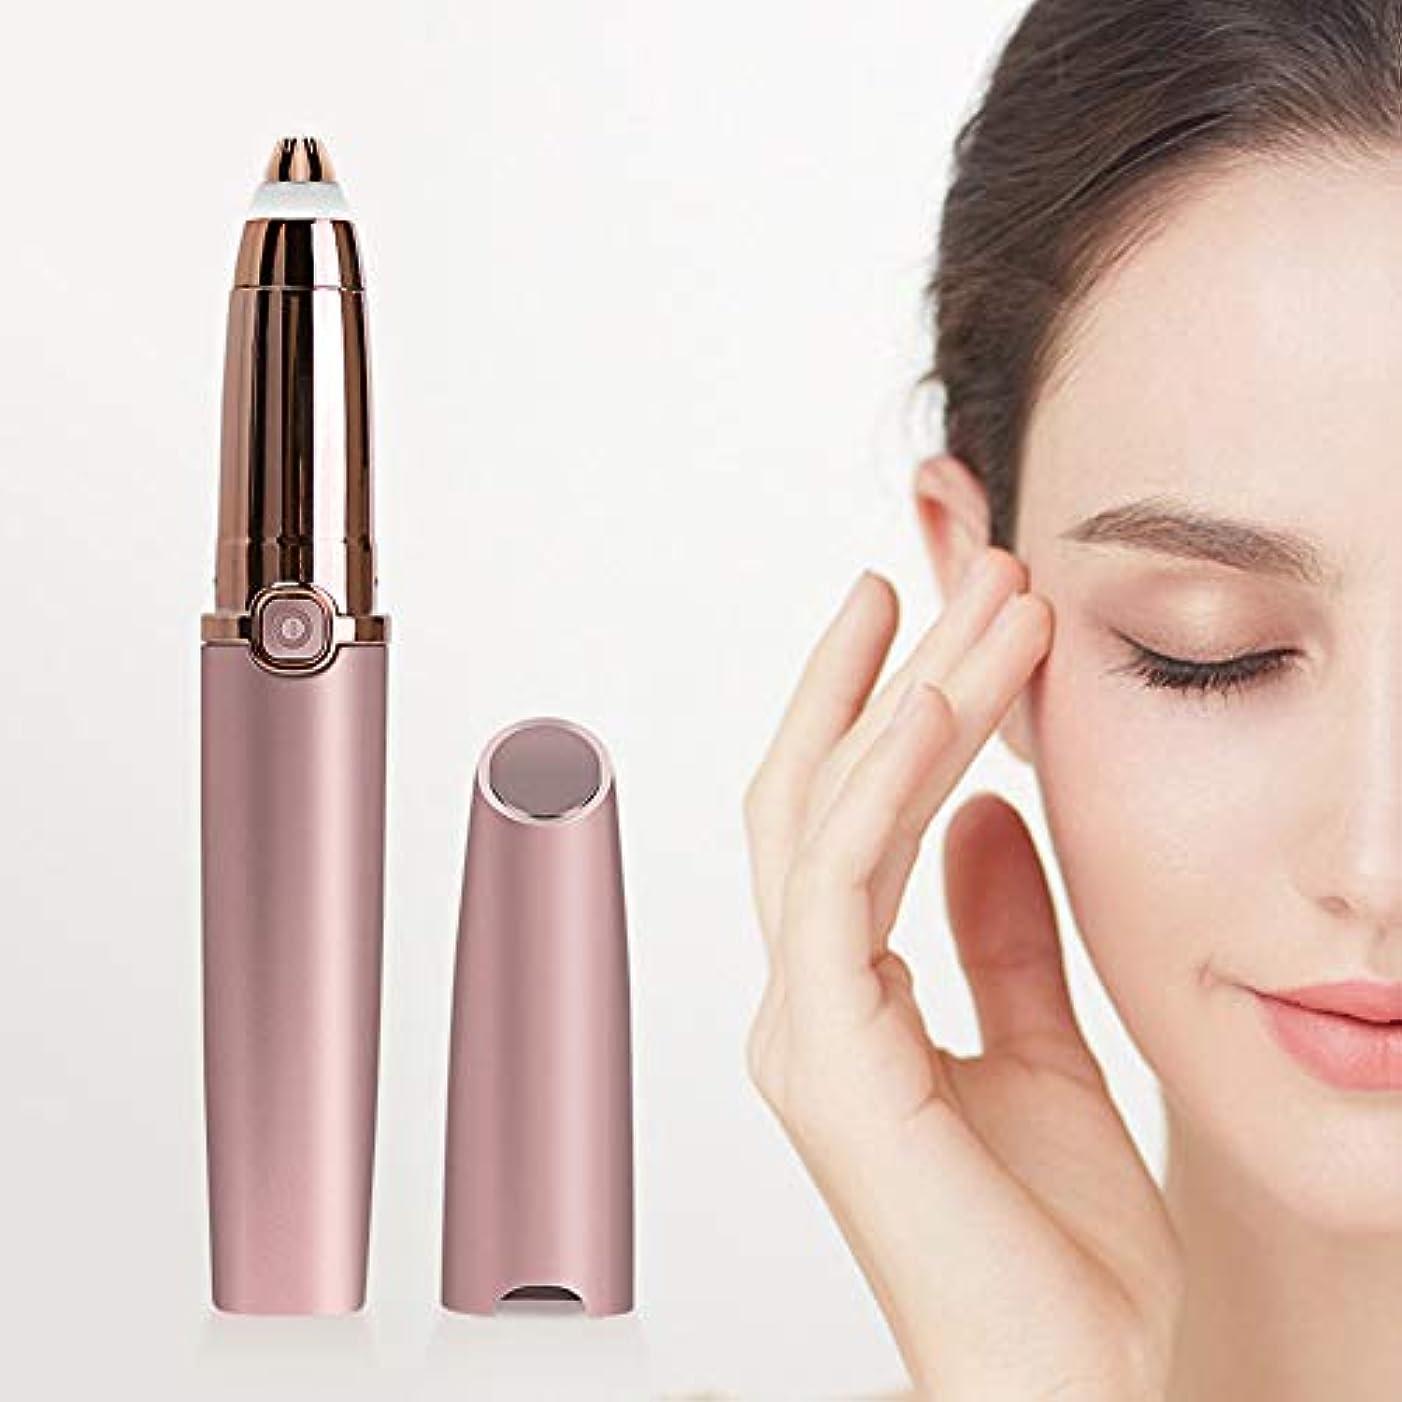 変動する番号理想的電動眉修理ミニポータブル眉毛剃毛脱毛装置痛みのないかみそり女性顔の毛の除去装置